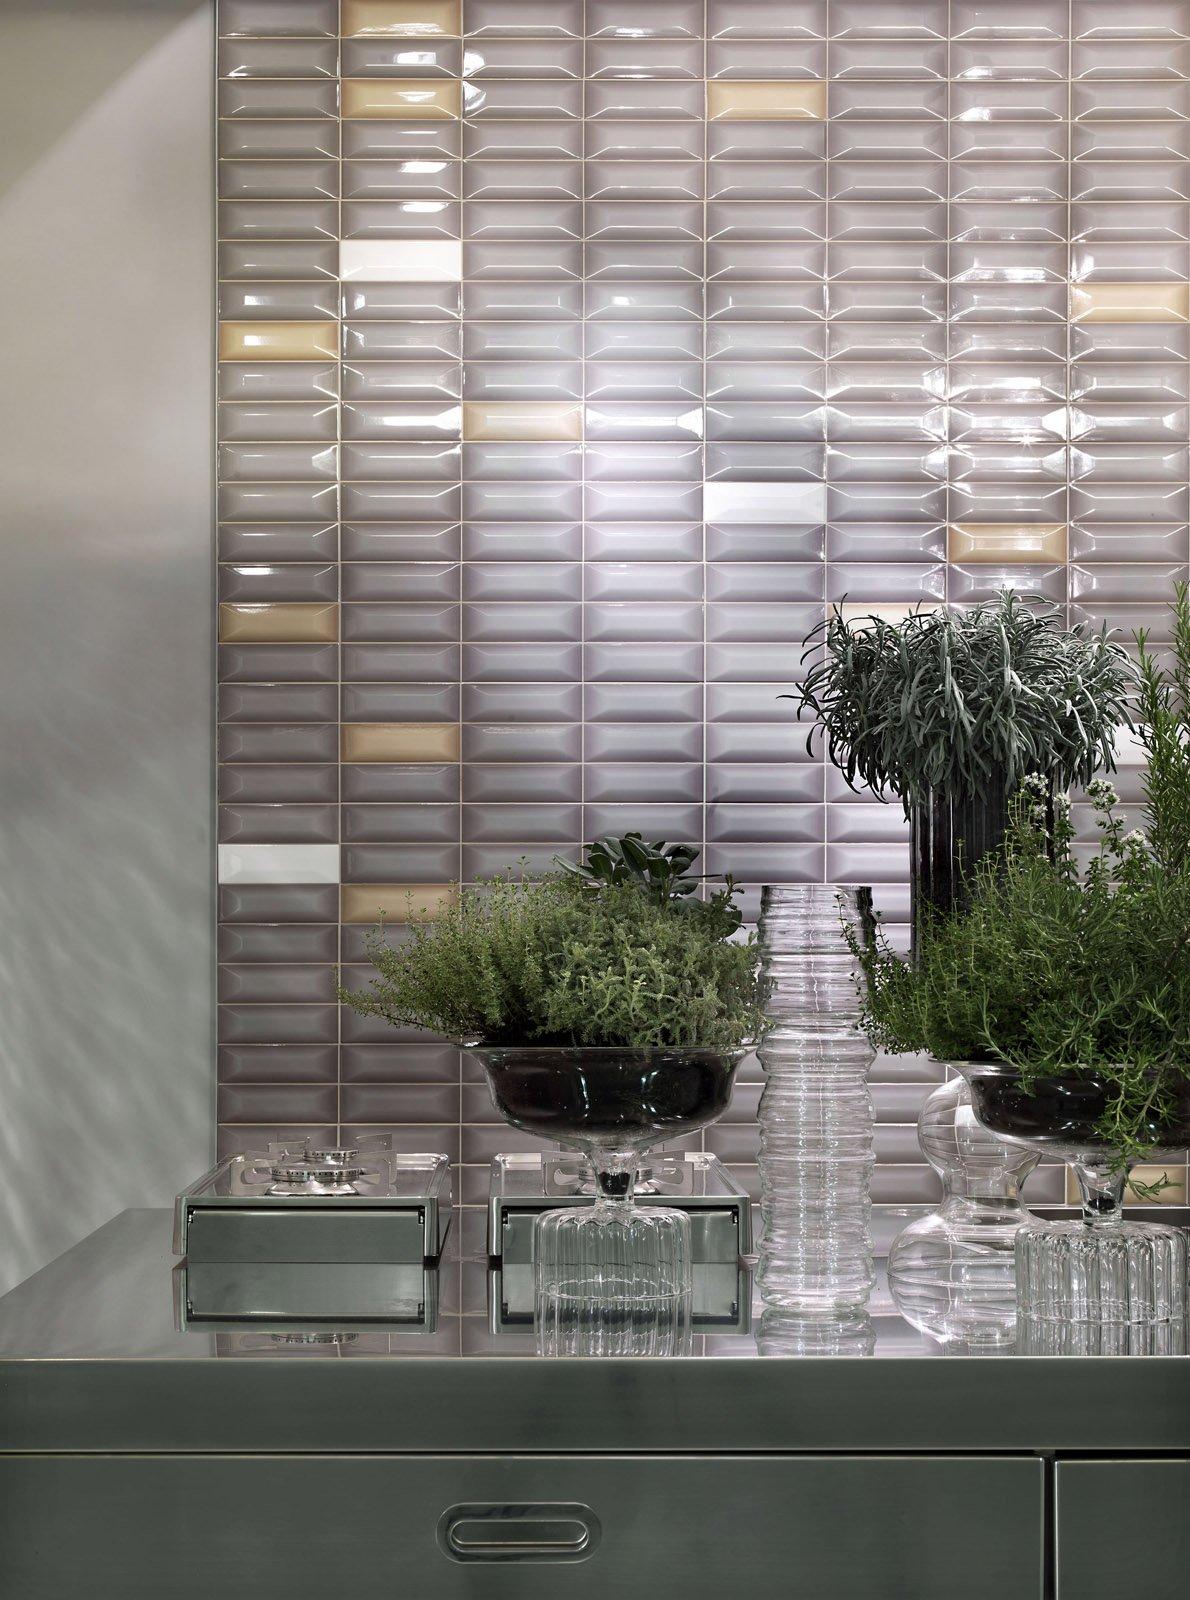 foto di rivestimento cucina di piastrelle 10x10 : Cucina: piastrelle per le pareti